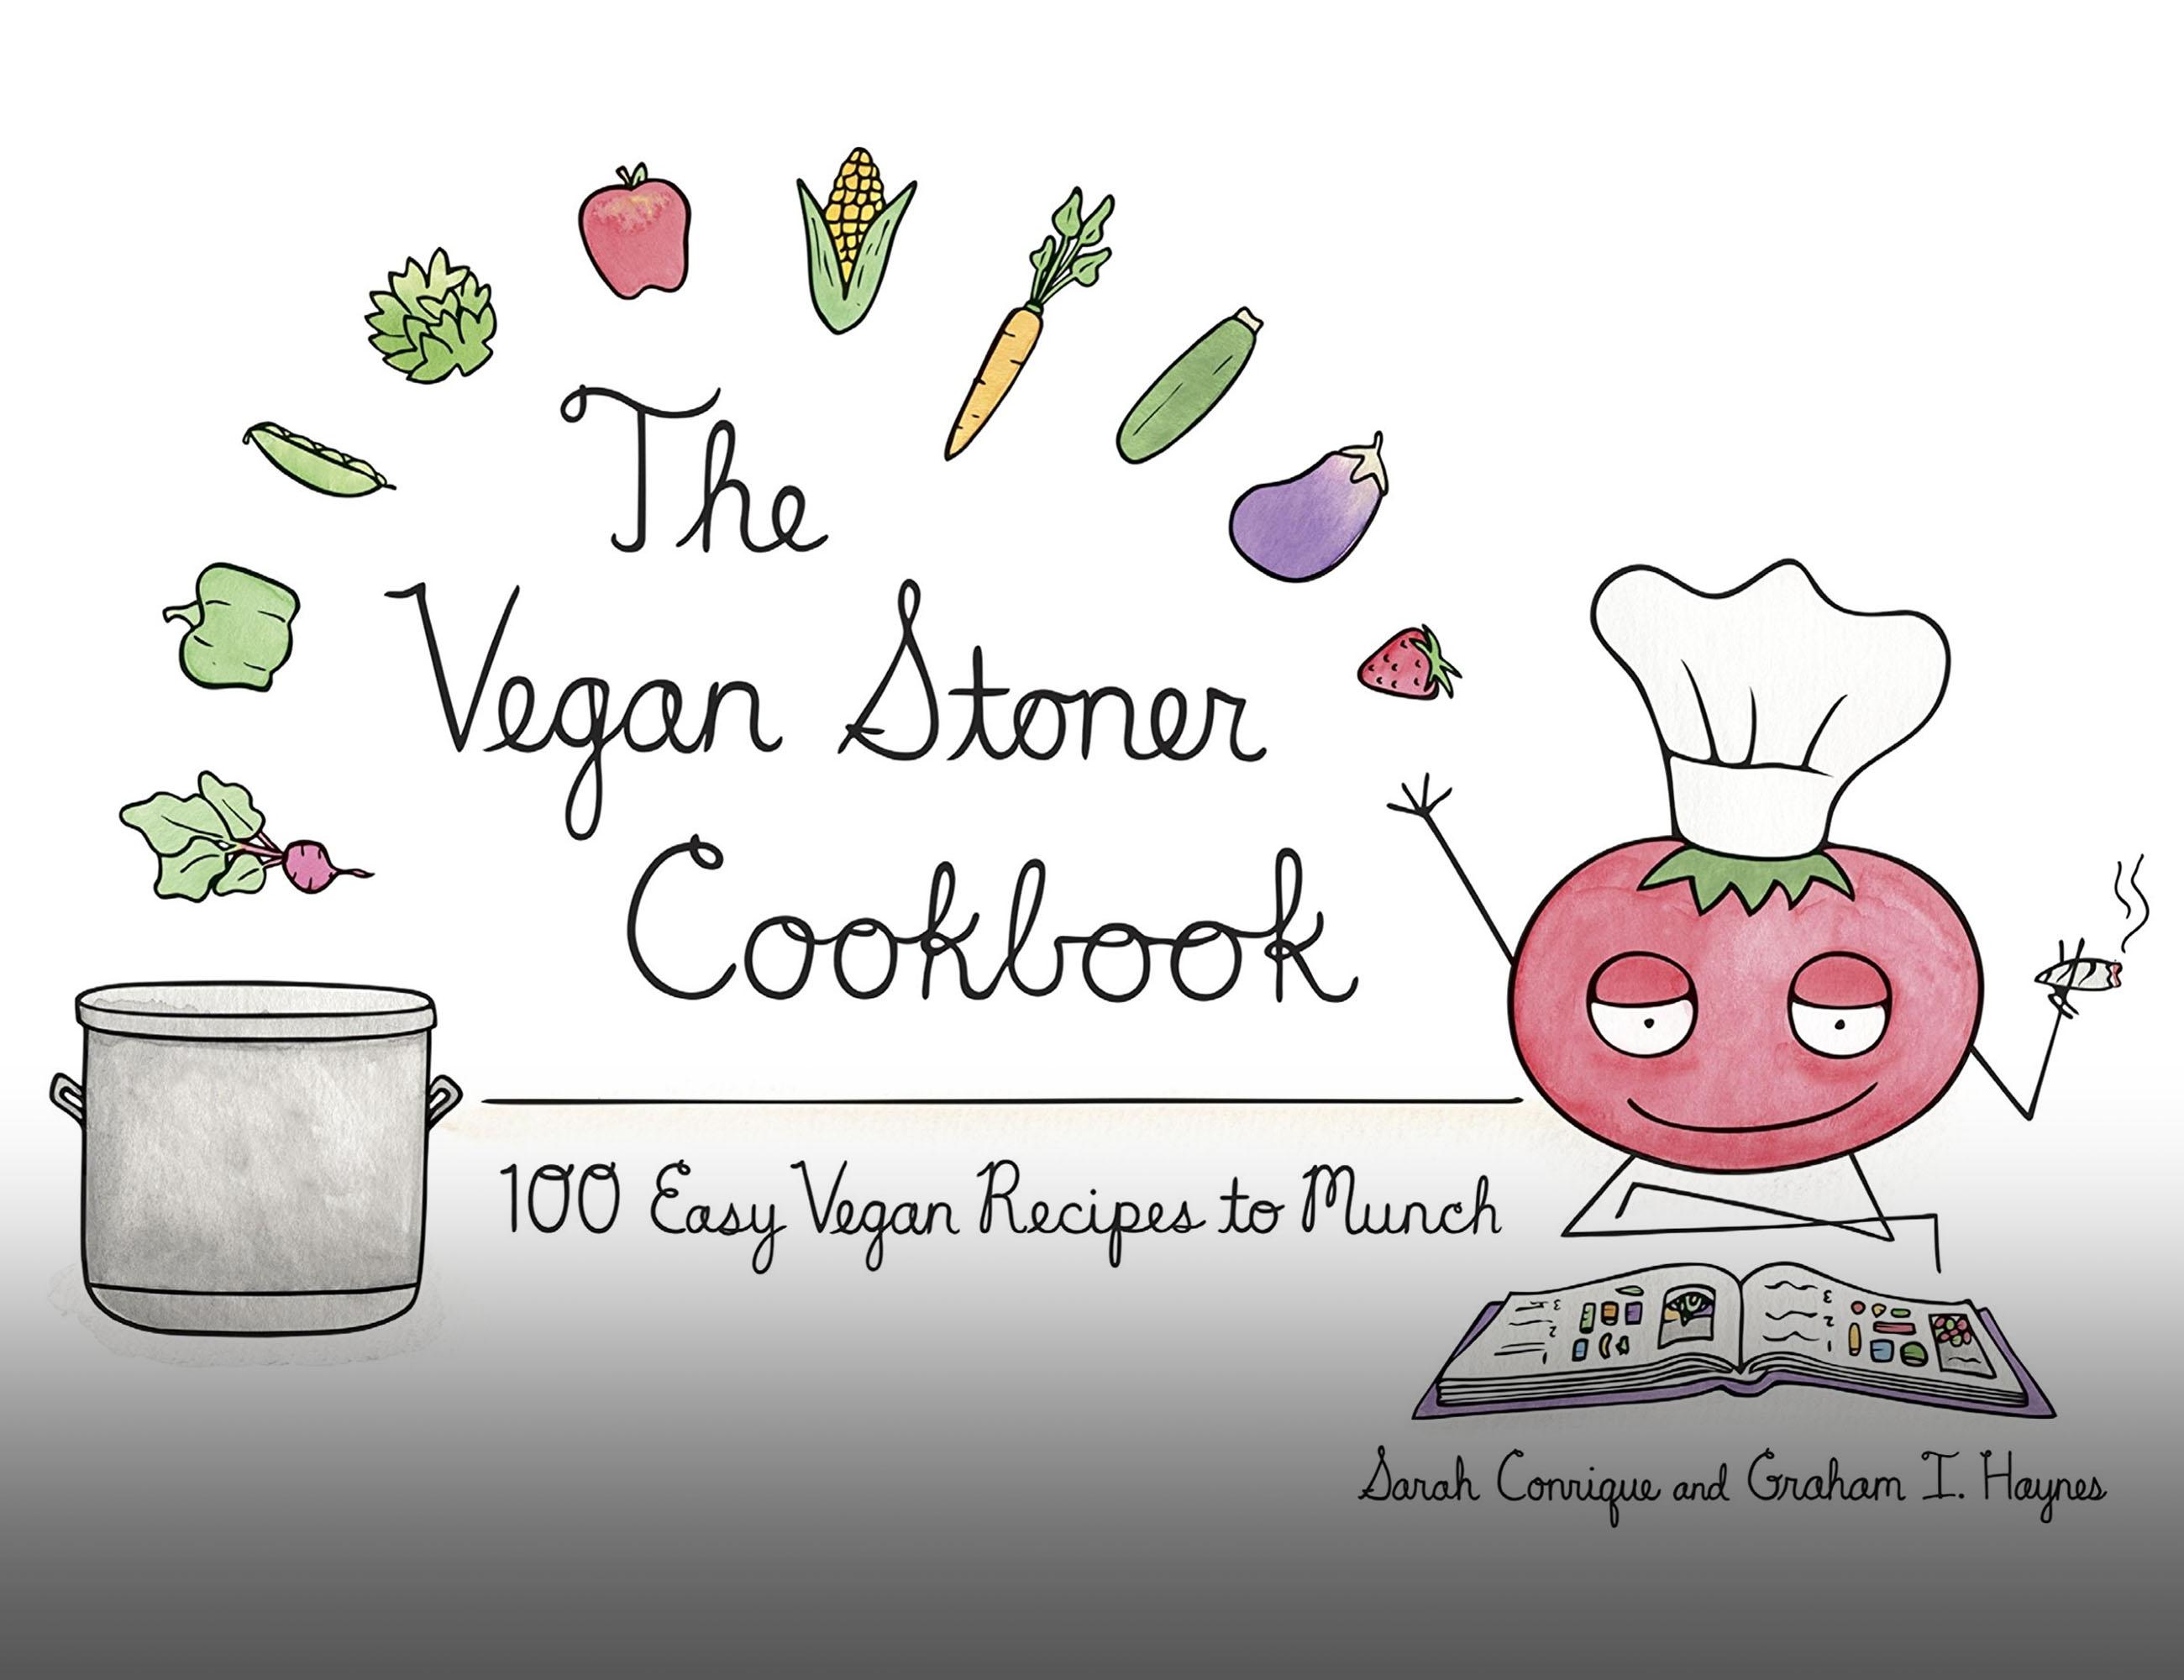 Meilleurs cadeaux cannabiques de no l for Cuisinier vegan